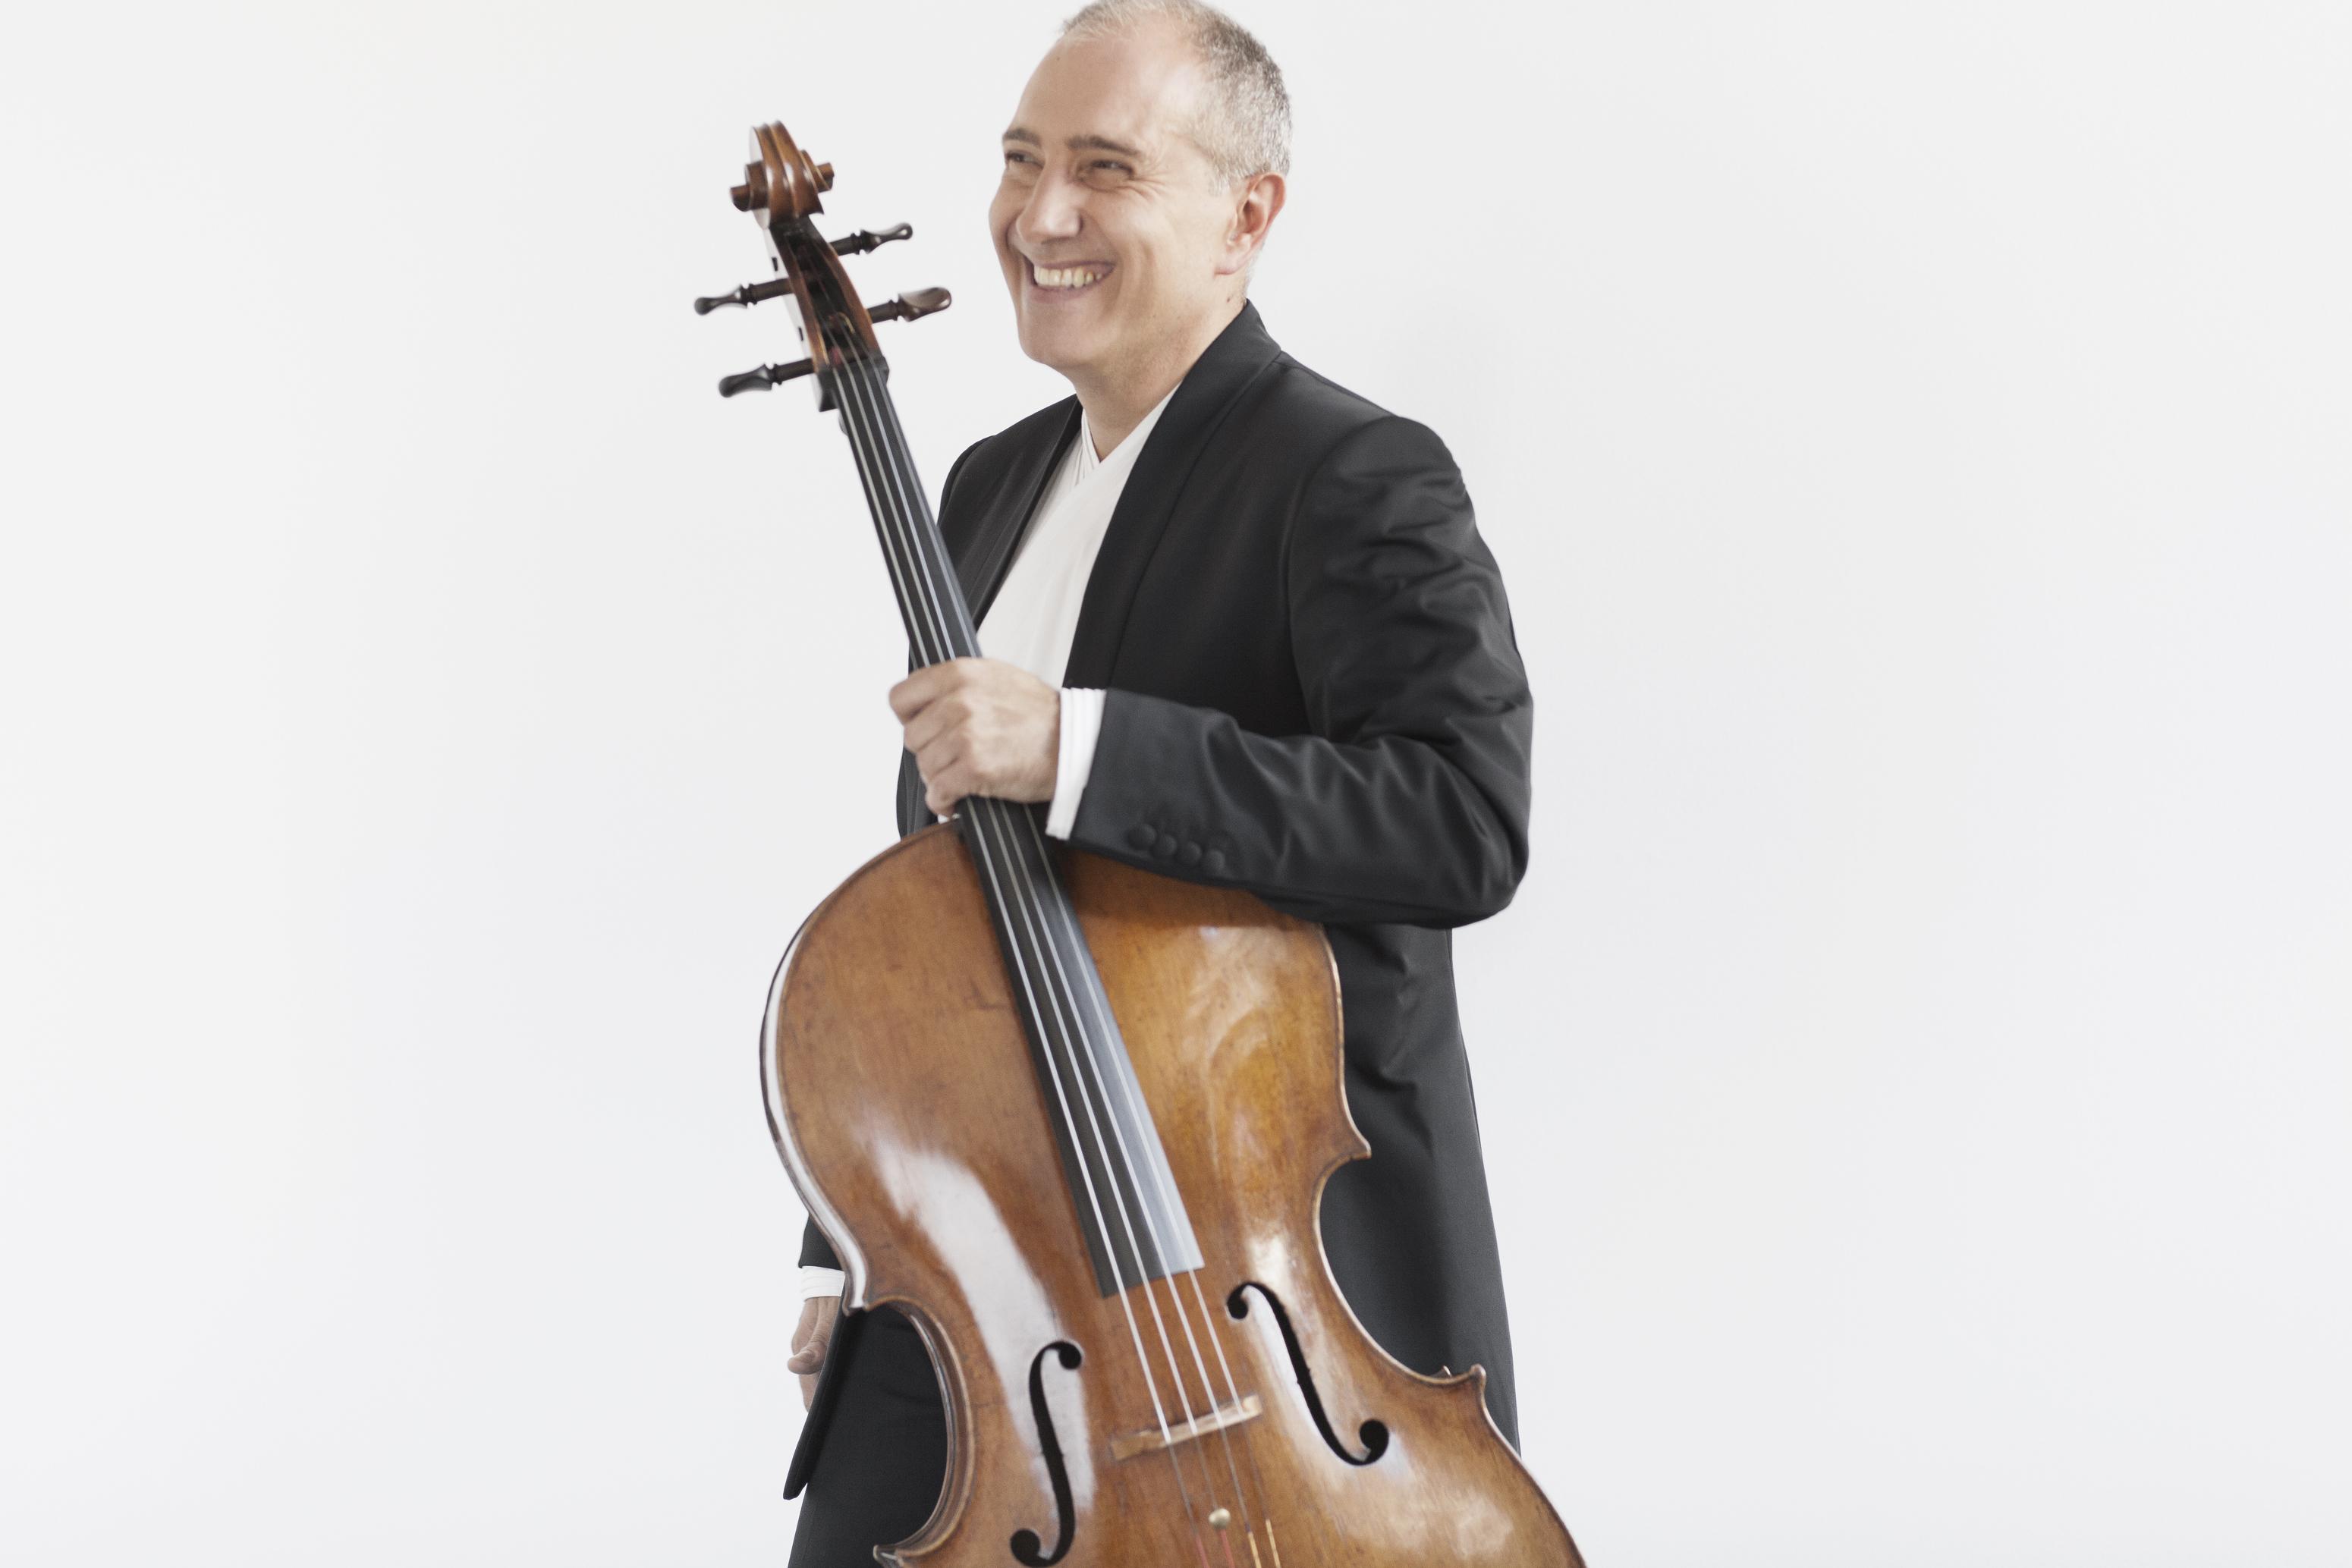 Nueva cátedra de dirección de orquesta con Gómez Martínez